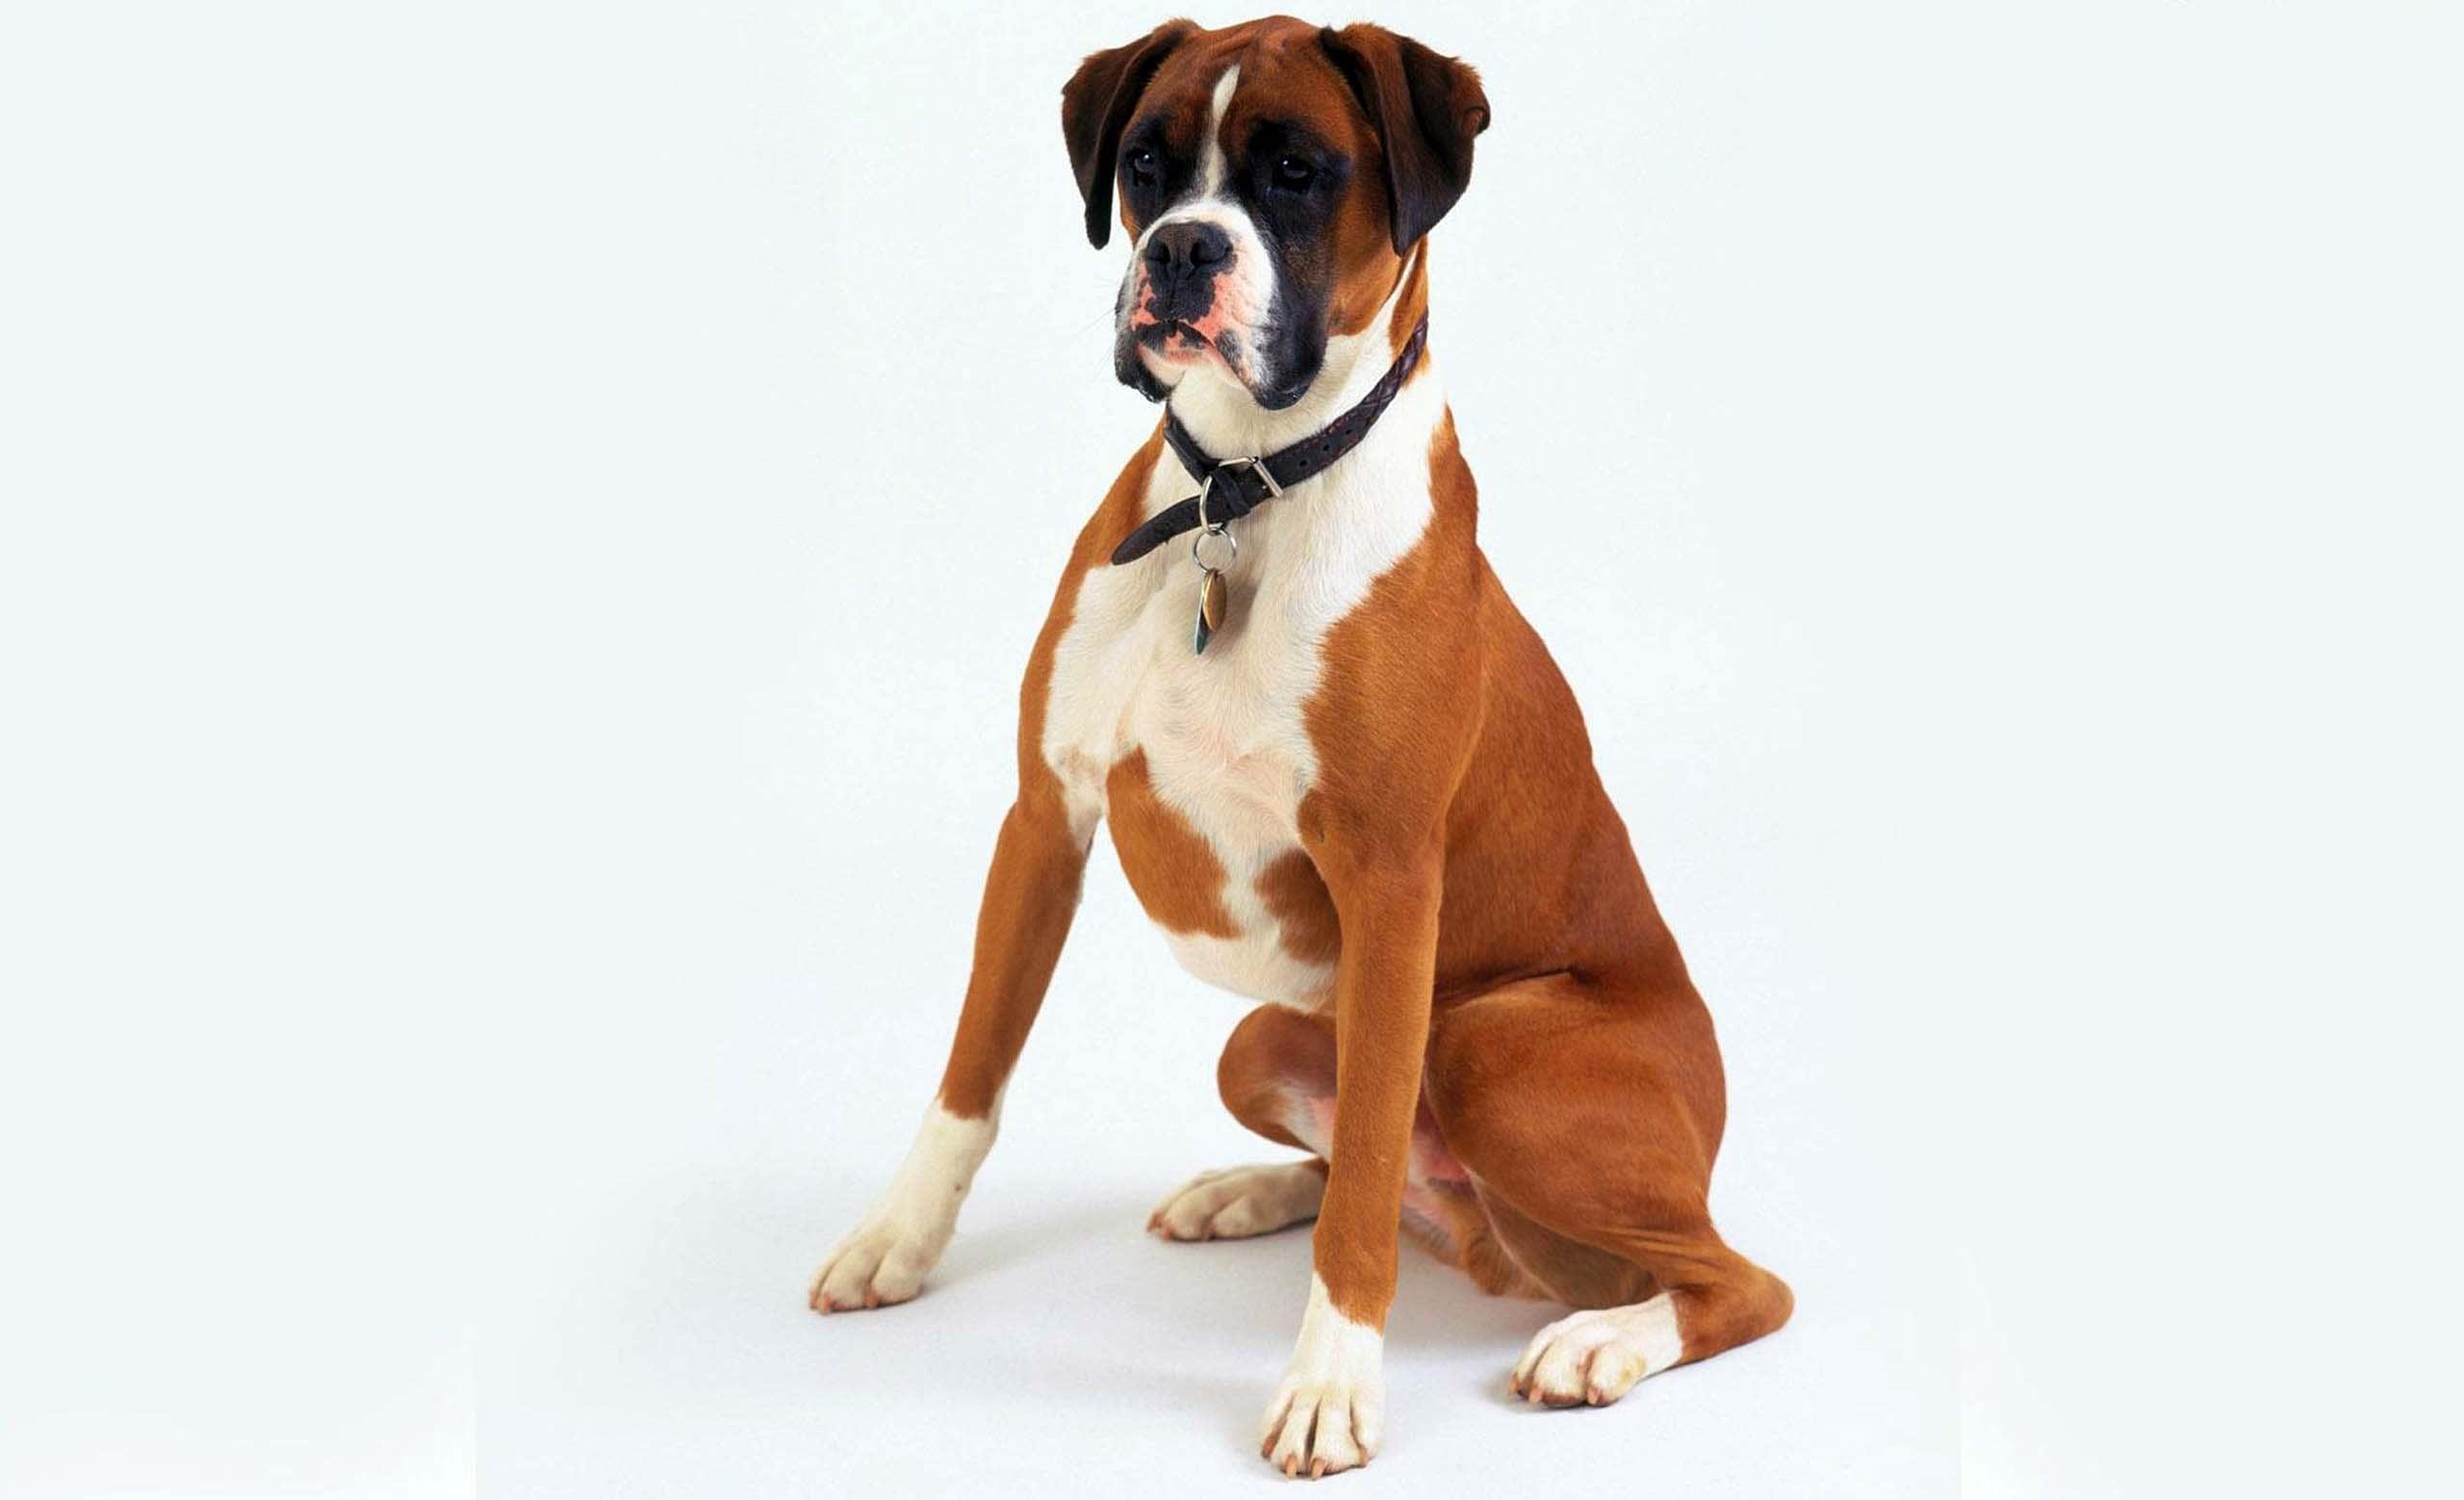 perro boxer sentado pecho y patas blancas mirando al frente